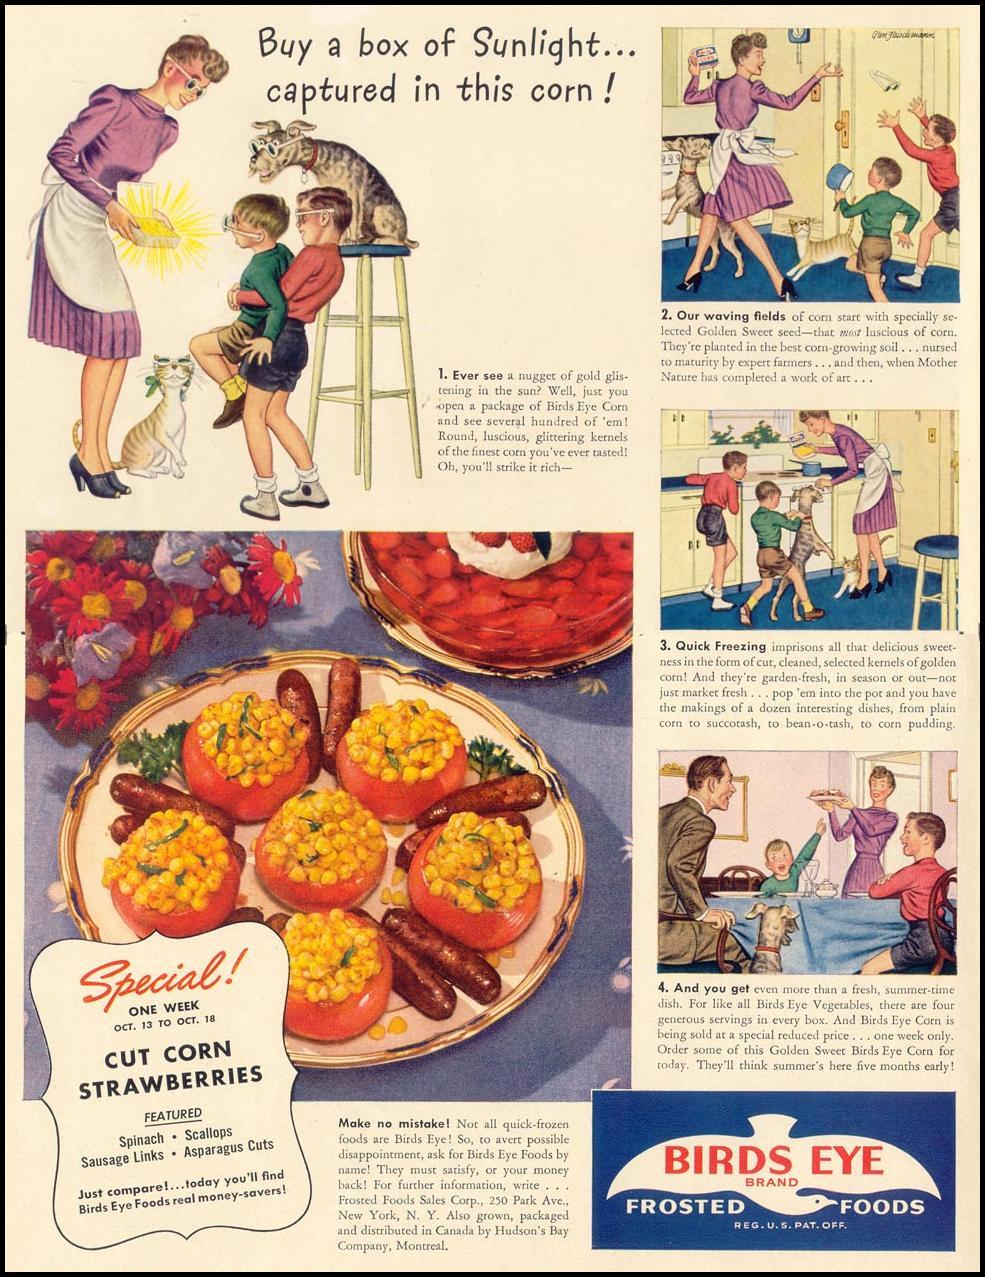 BIRDS EYE FROZEN FOODS LIFE 10/13/1941